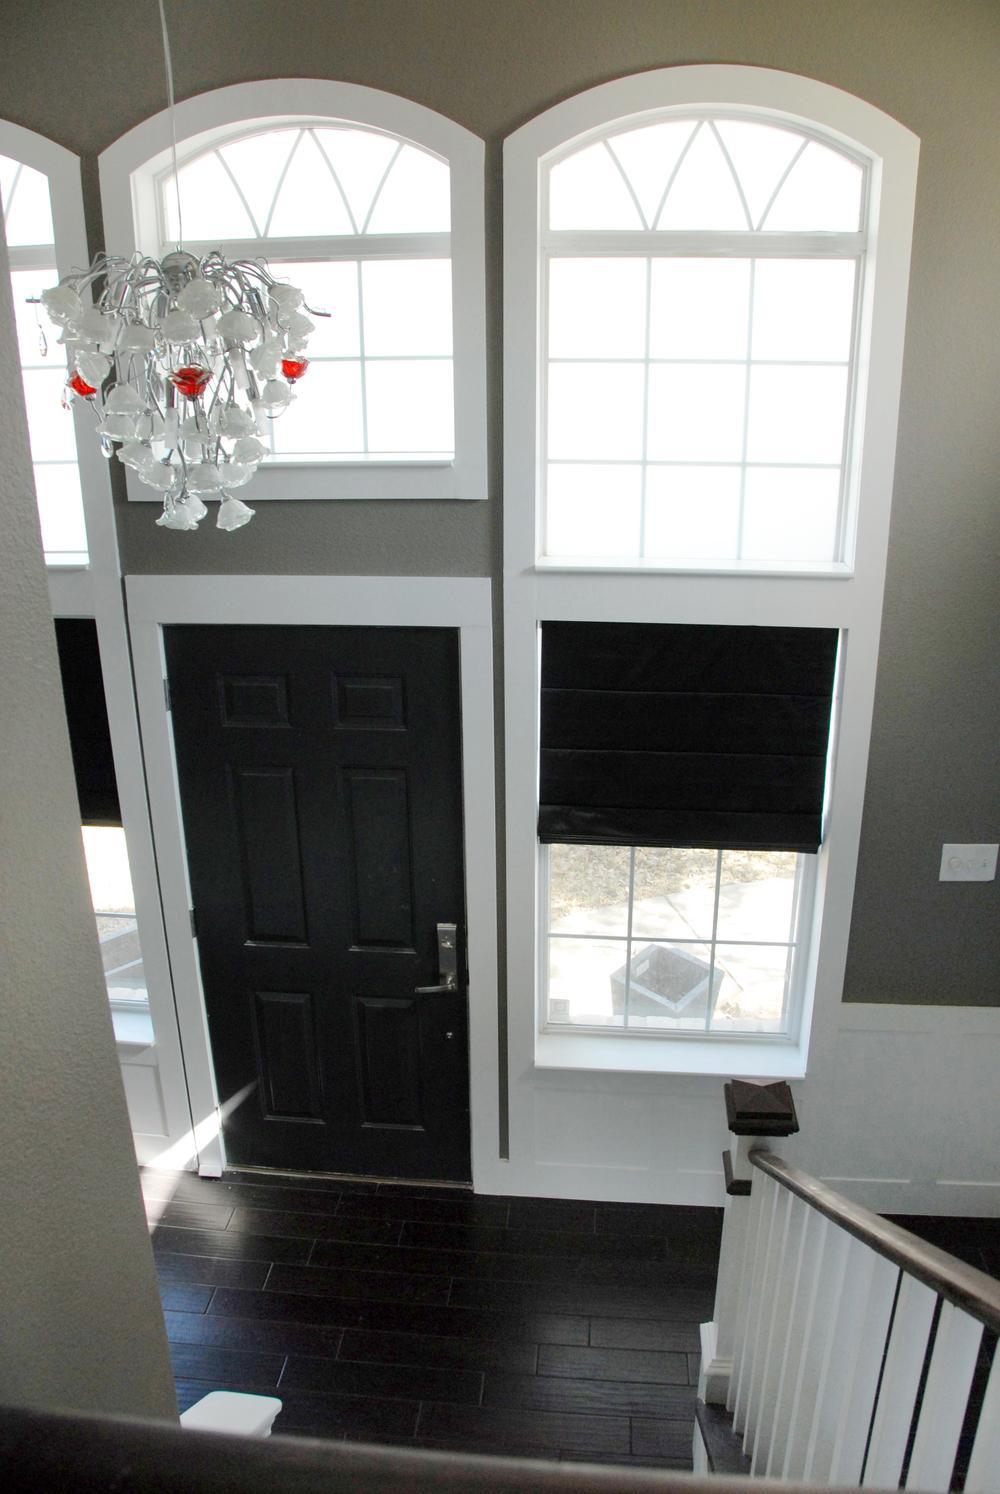 Arch windows over door after